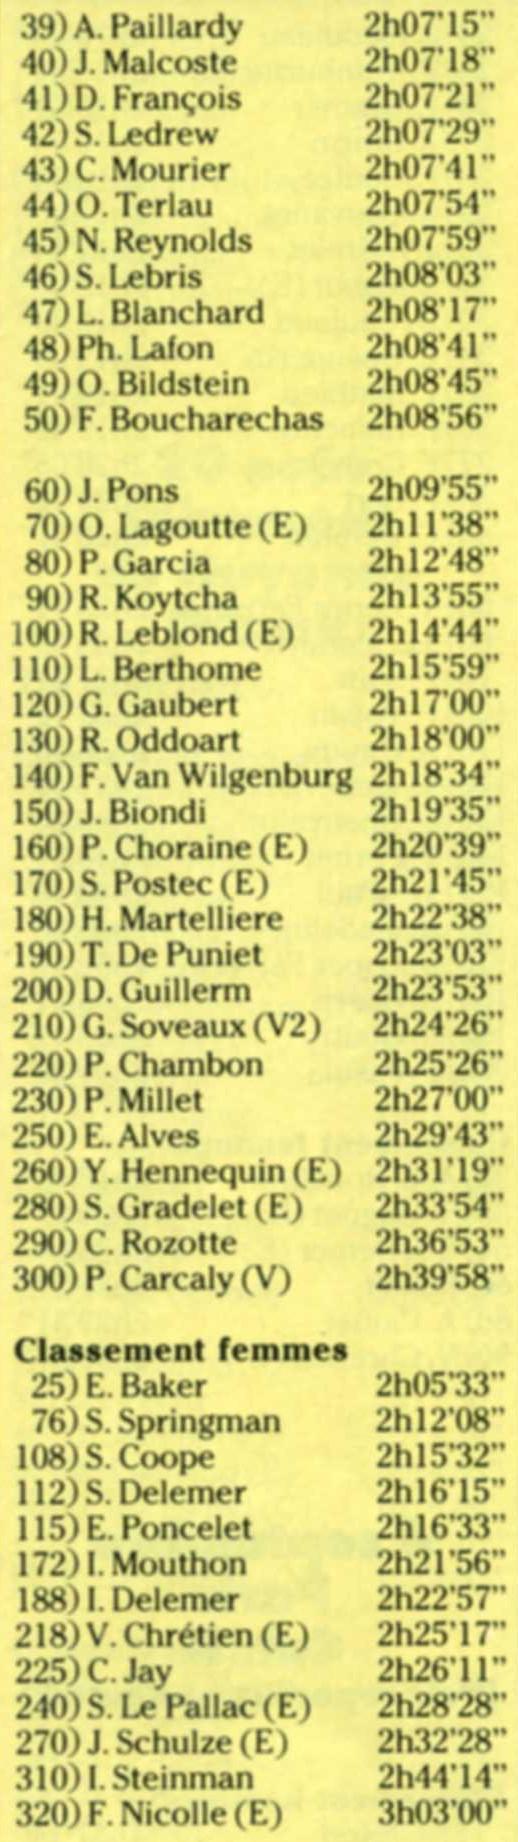 img[A]061_04-septembre-1988_paris_résultat_02